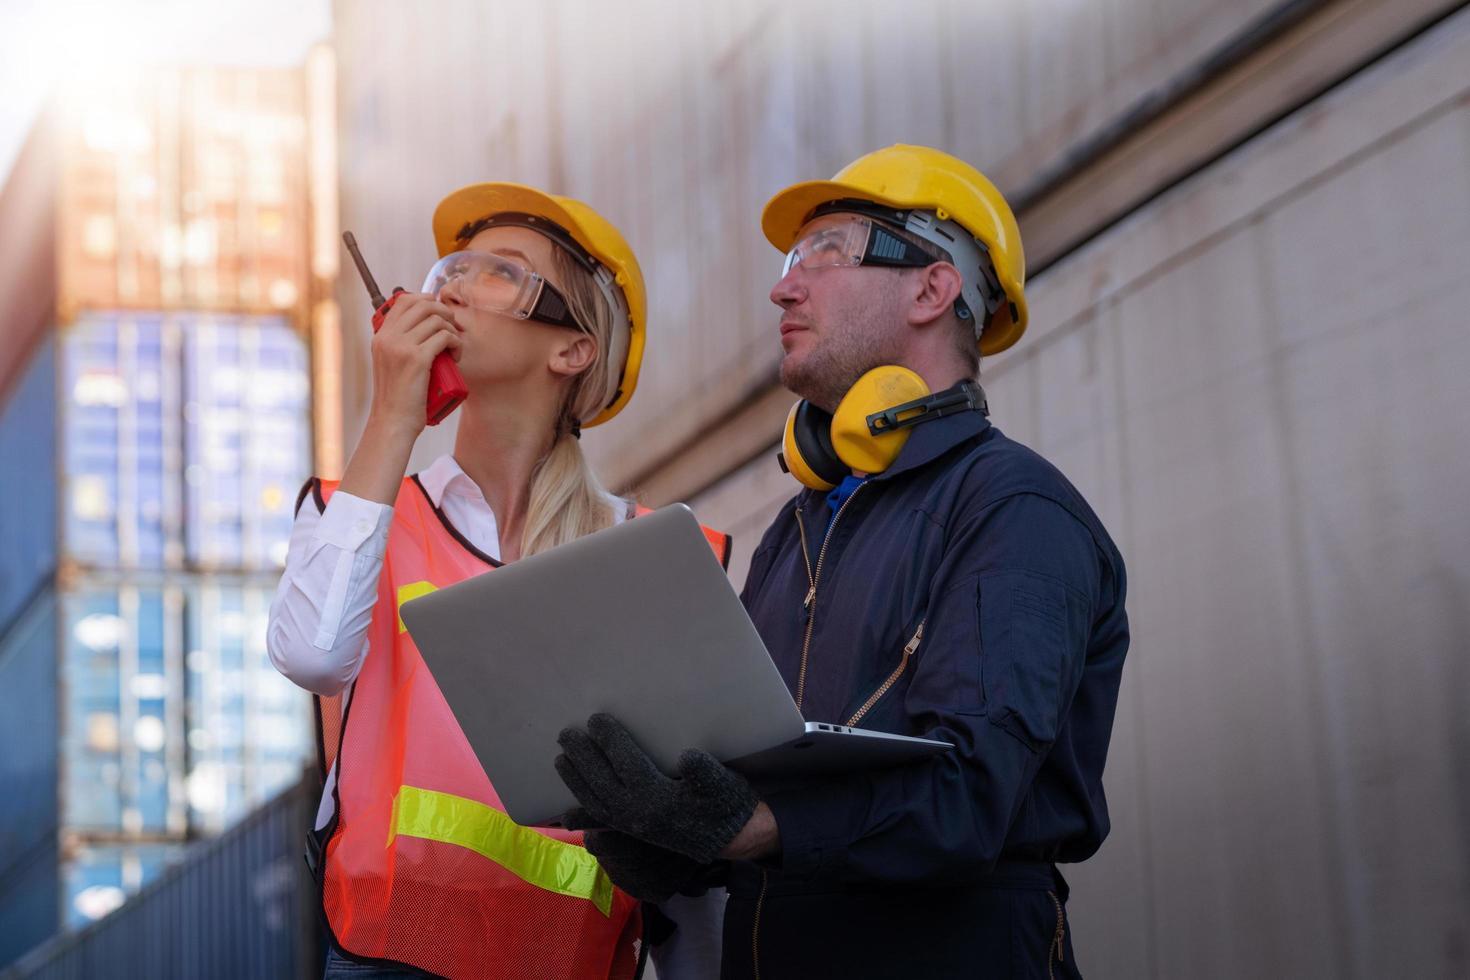 deux techniciens travaillent ensemble à l'extérieur de l'usine industrielle photo